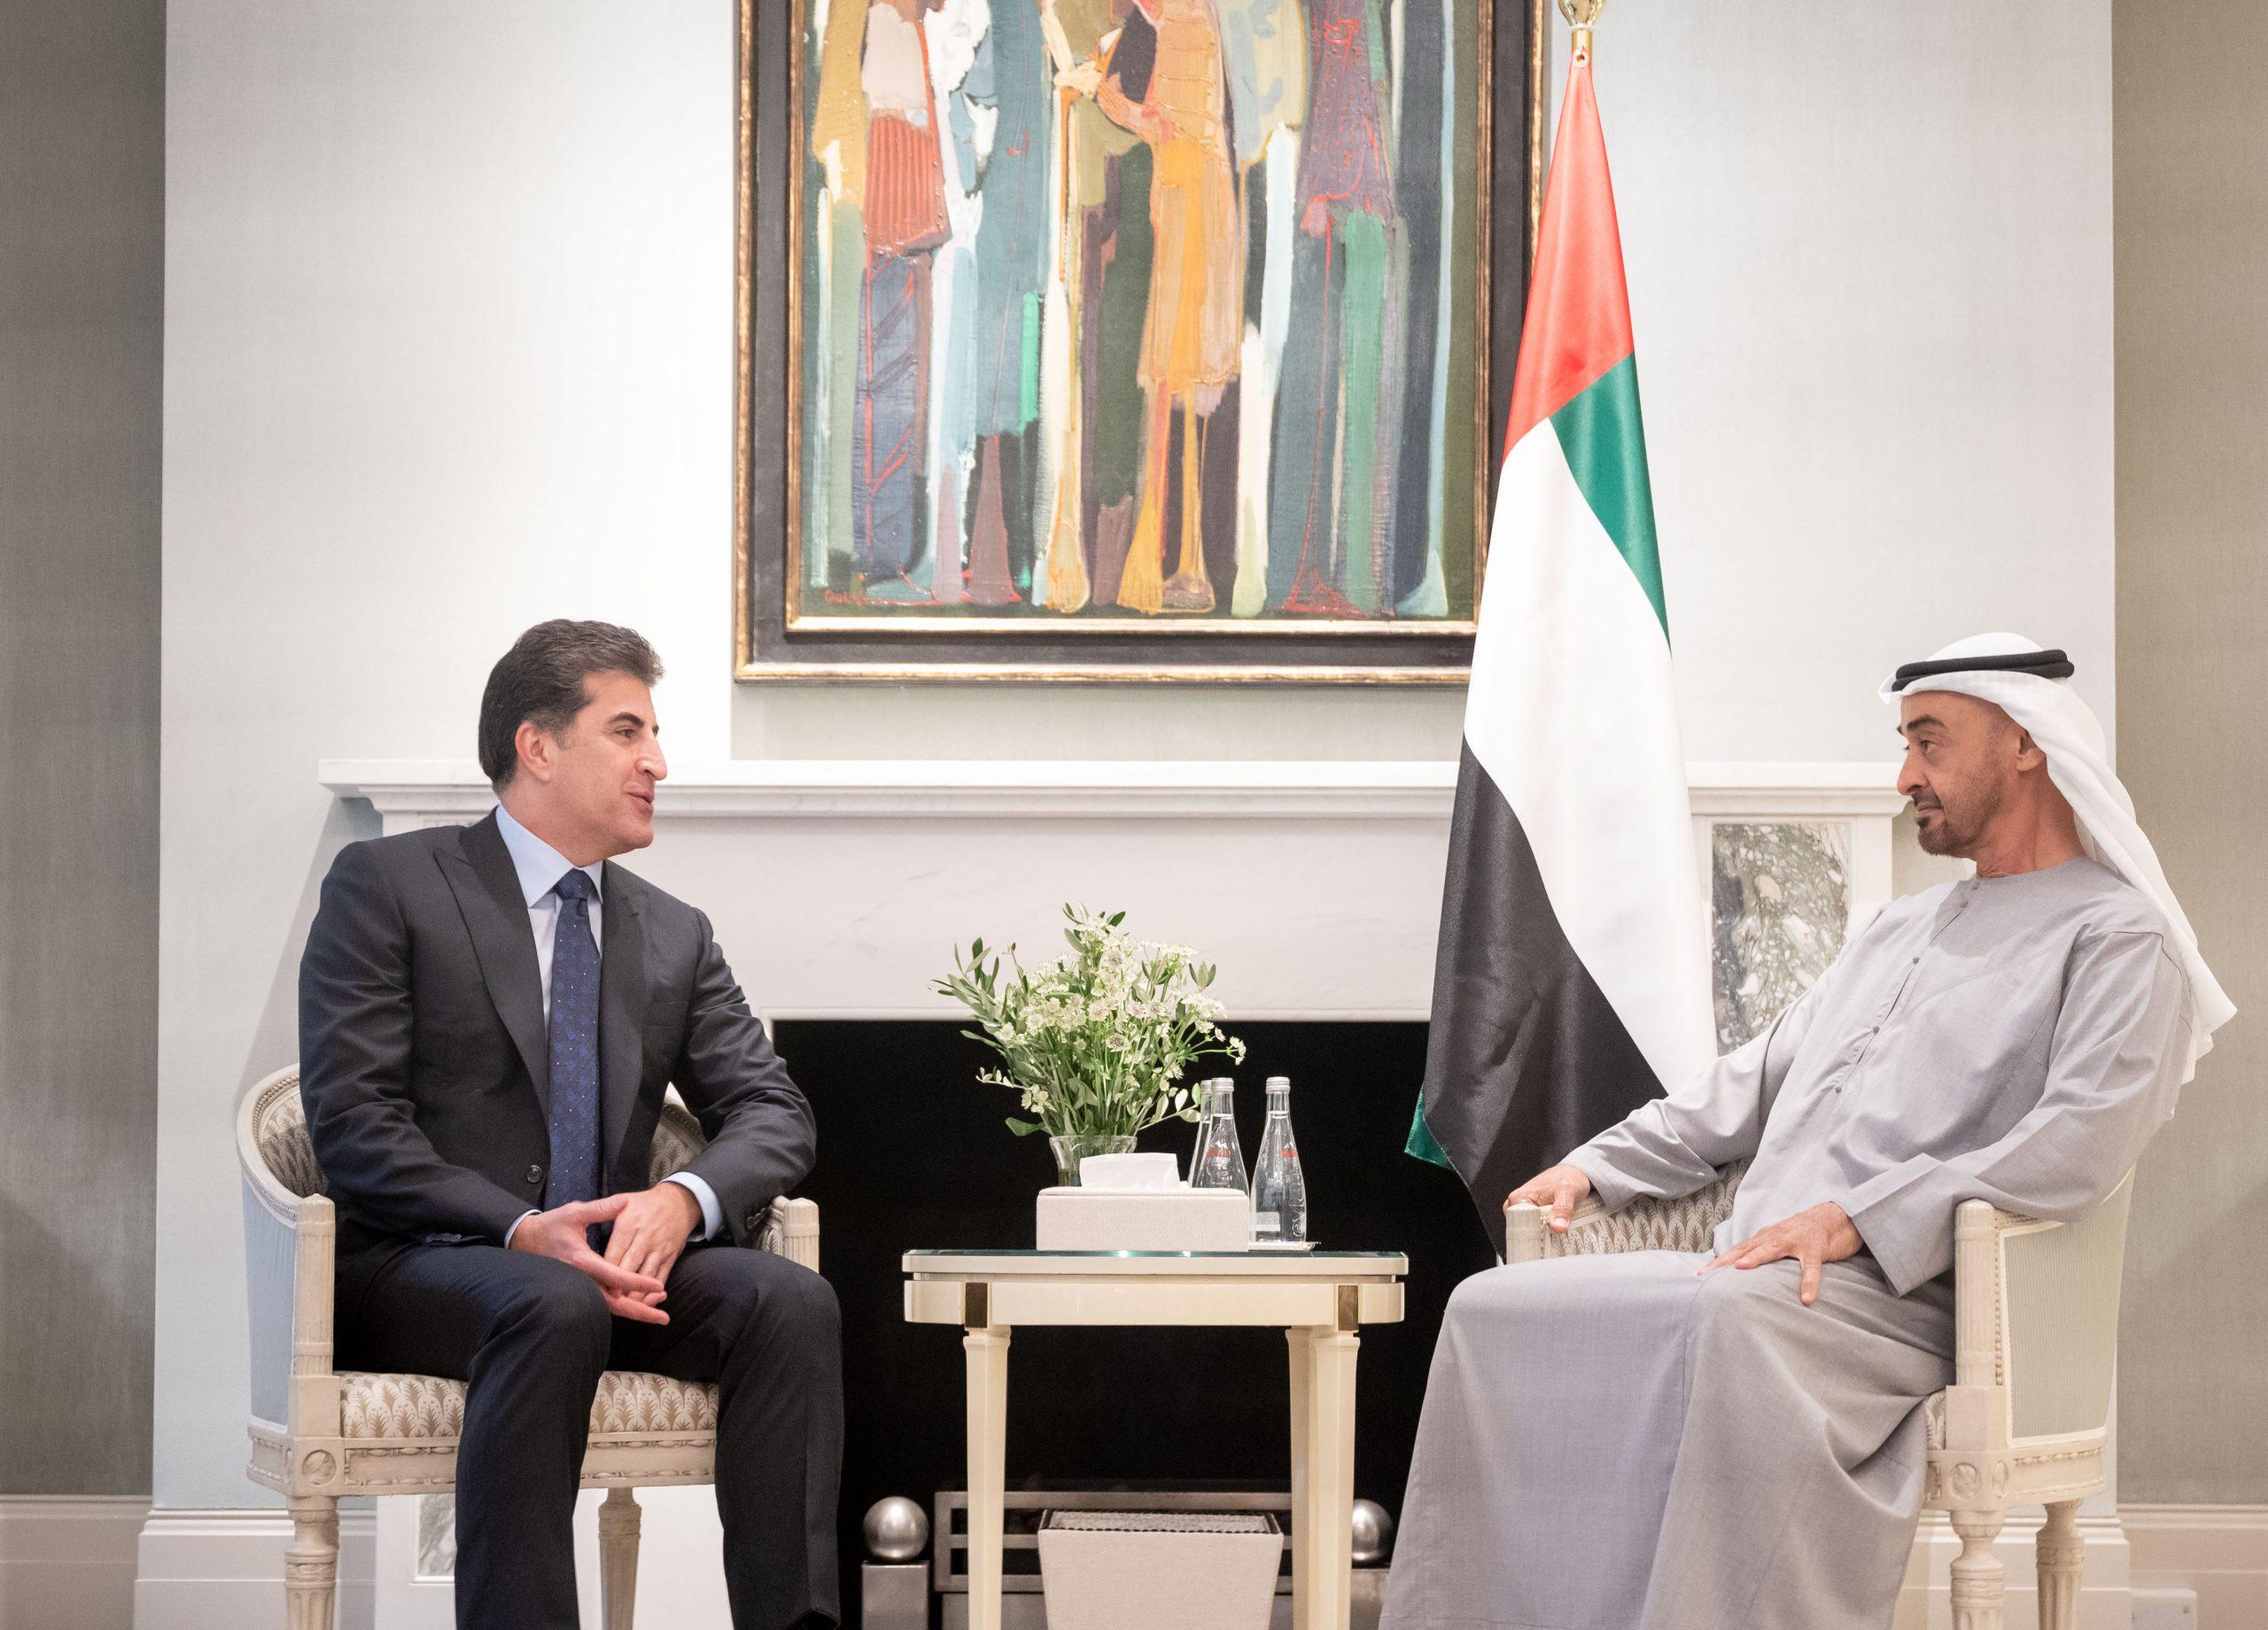 #محمد_بن_زايد يلتقي رئيس إقليم كردستان العراق على هامش زيارته إلى بريطانيا  للتفاصيل